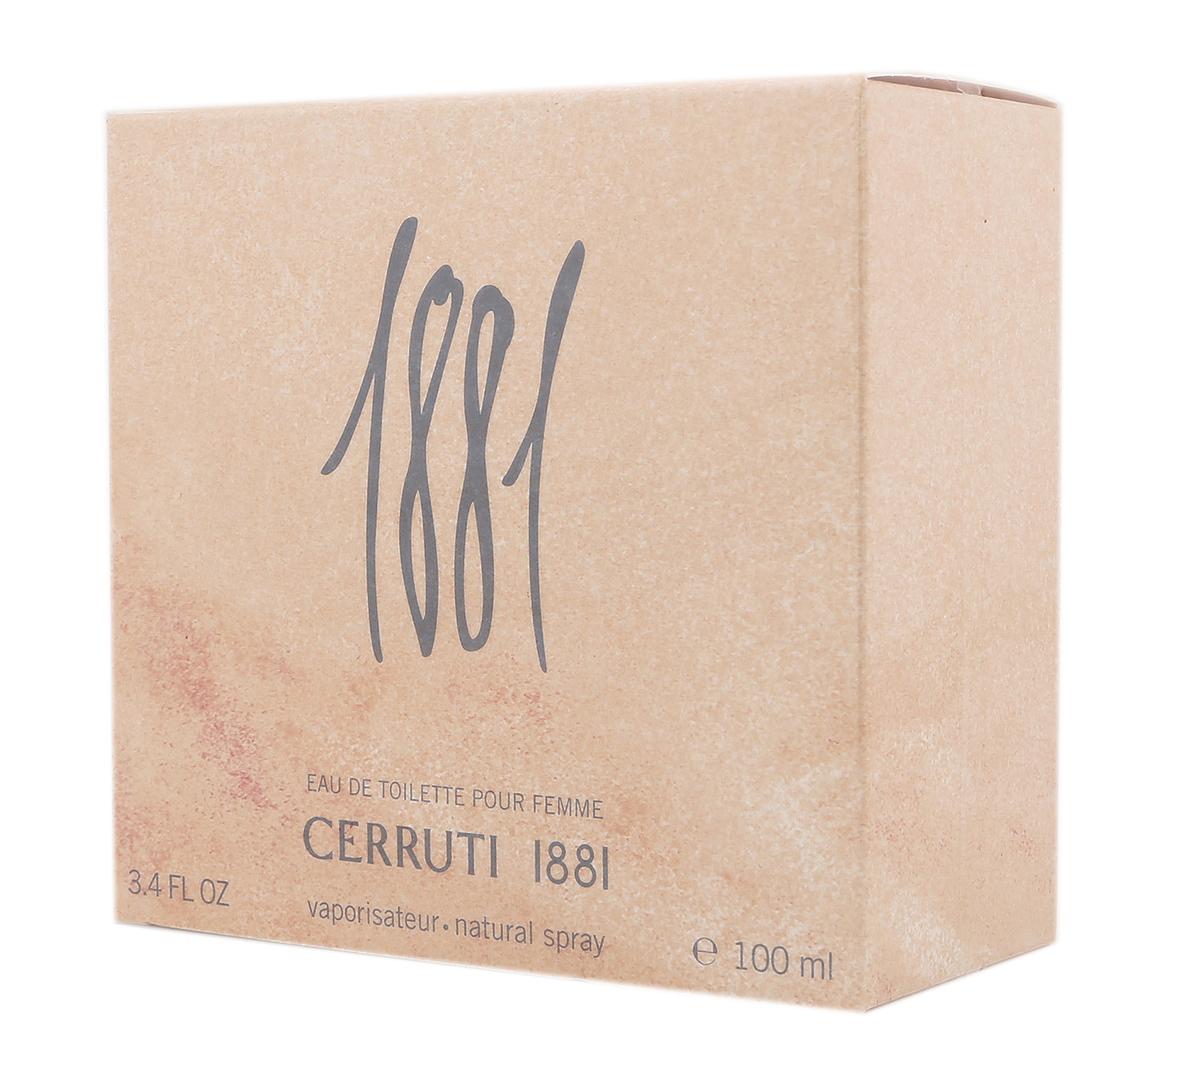 Cerruti 1881 Eau De Toilette Edt For Women By Cerruti